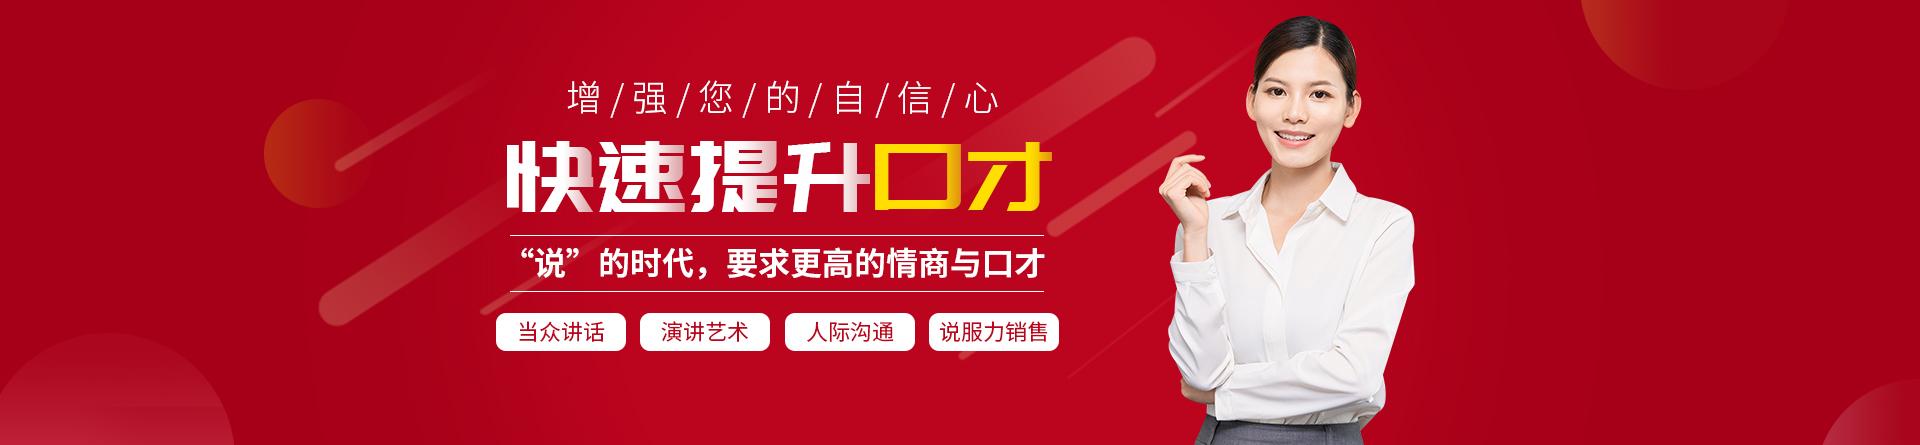 惠州新励成口才培训